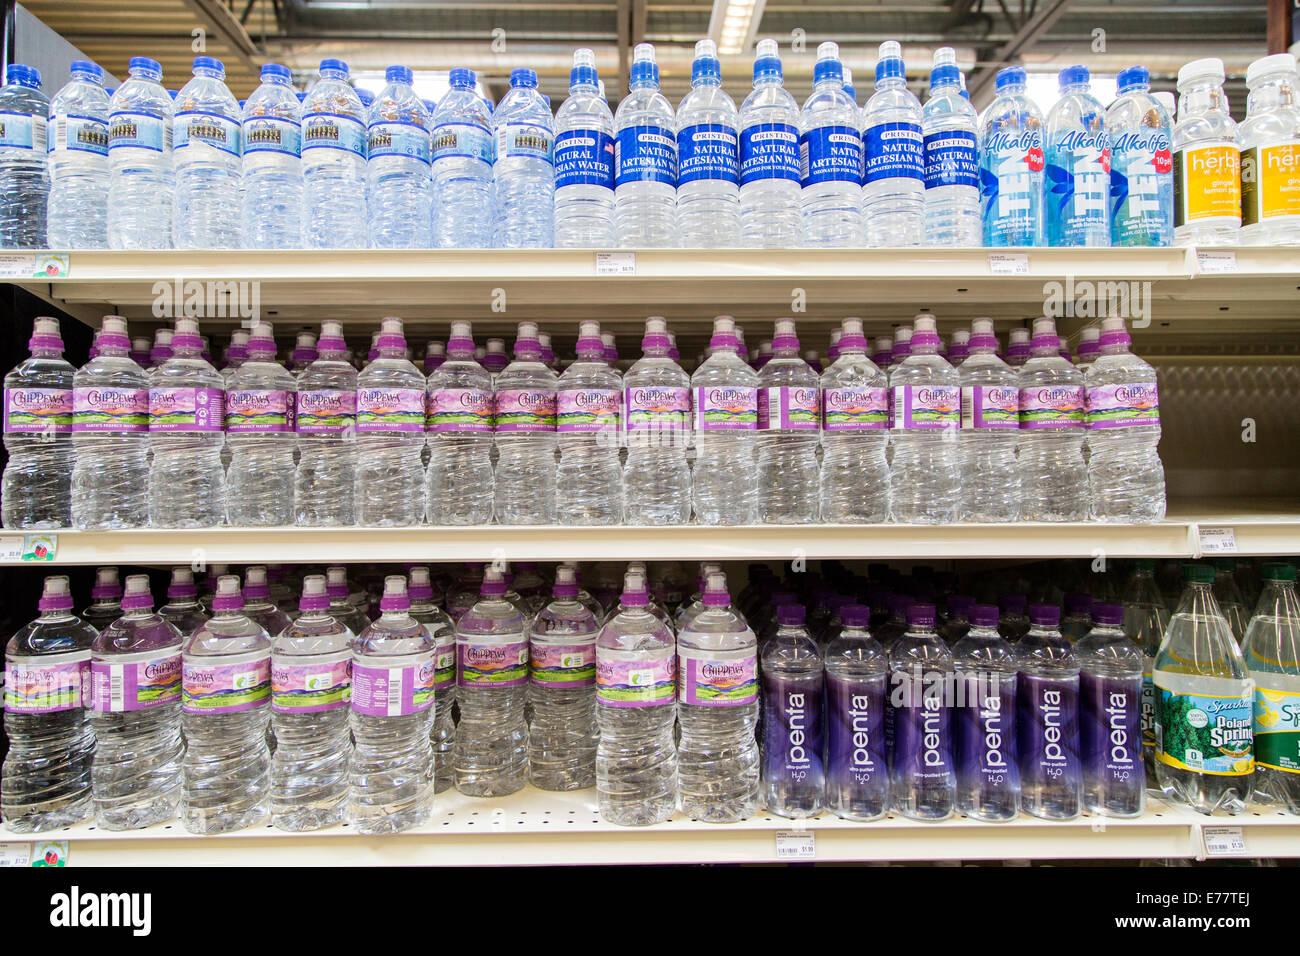 Un alimenti naturali fruttivendolo corsia con ripiani di acqua in bottiglia. Immagini Stock